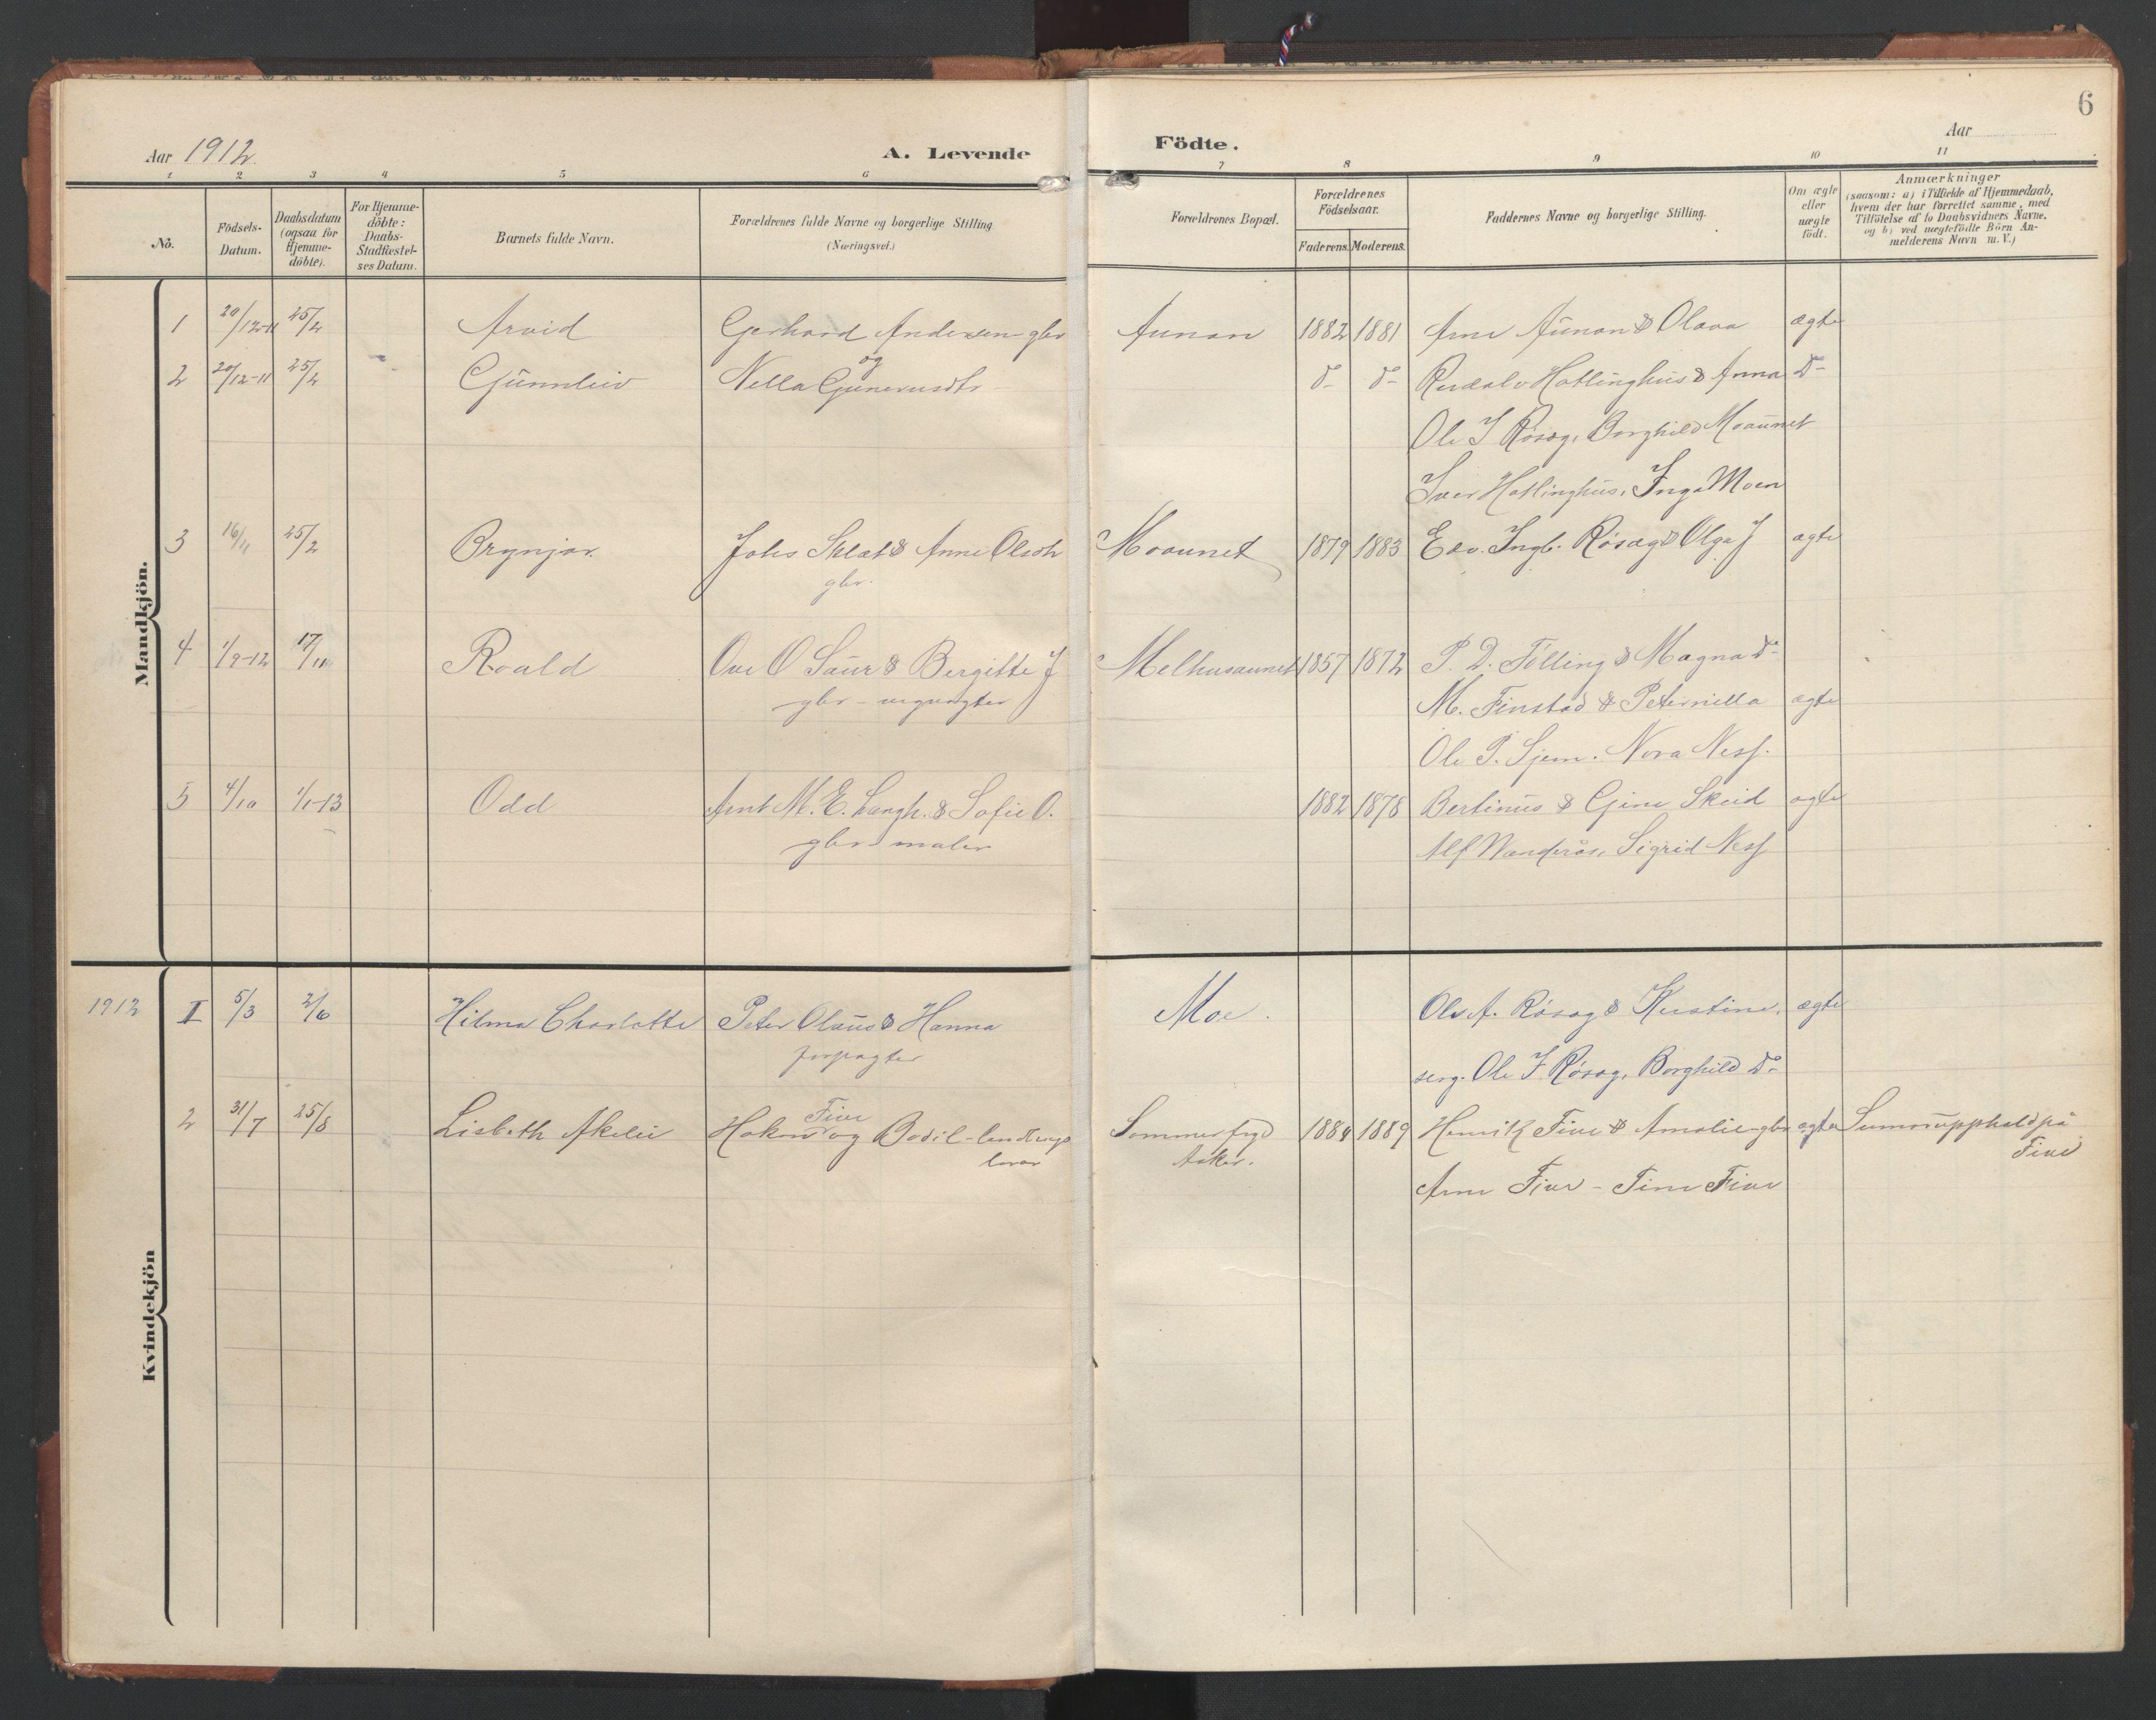 SAT, Ministerialprotokoller, klokkerbøker og fødselsregistre - Nord-Trøndelag, 748/L0465: Klokkerbok nr. 748C01, 1908-1960, s. 6